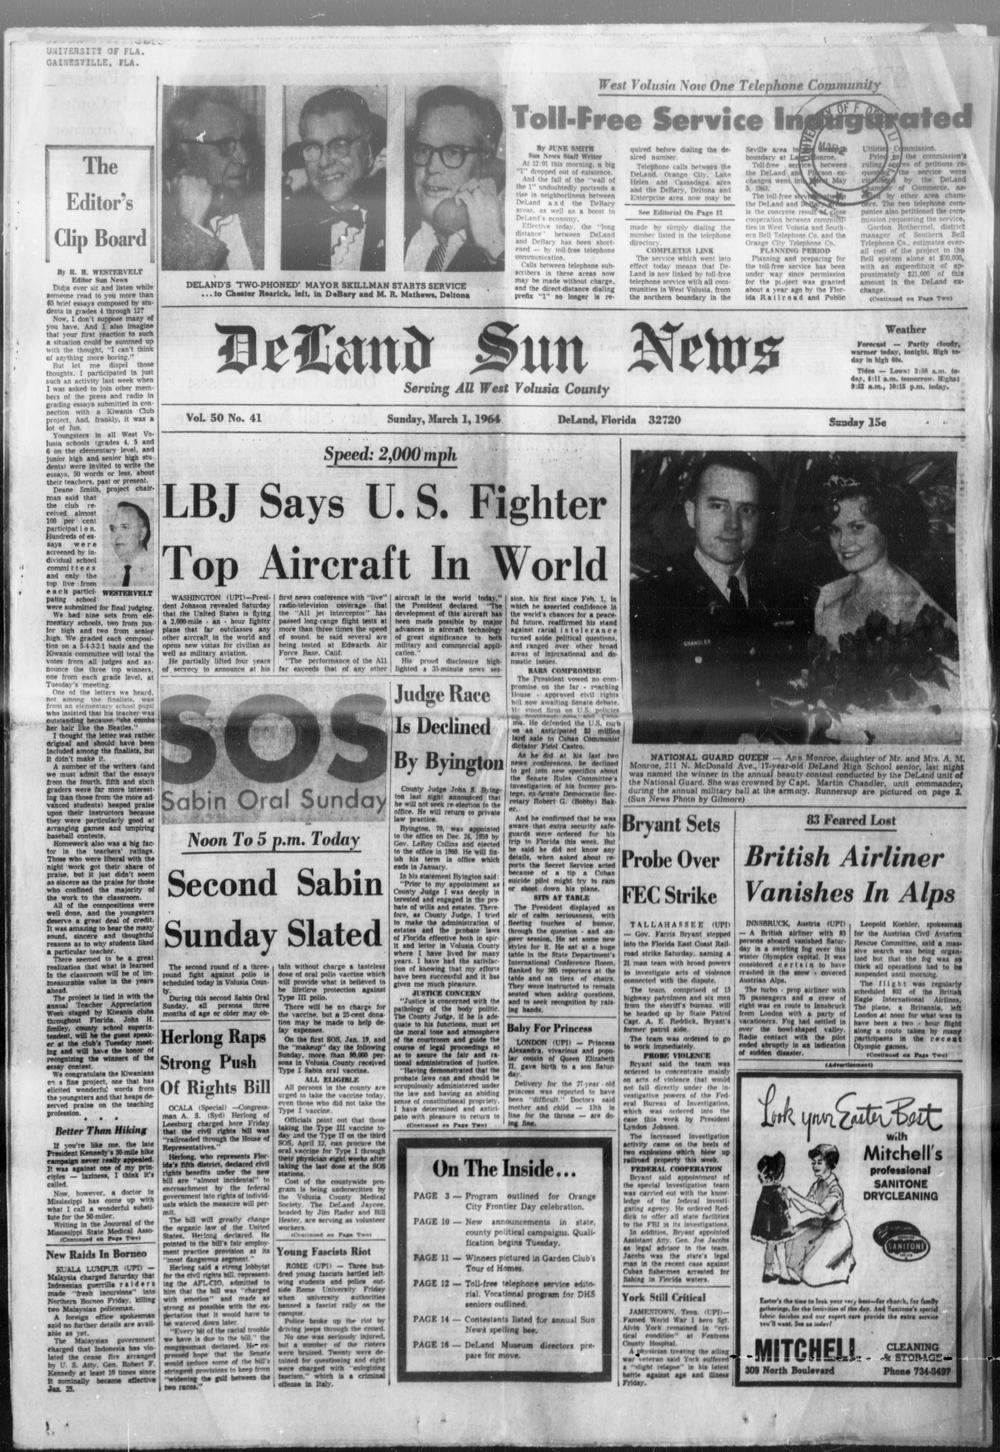 DeLand Sun News - Page 1